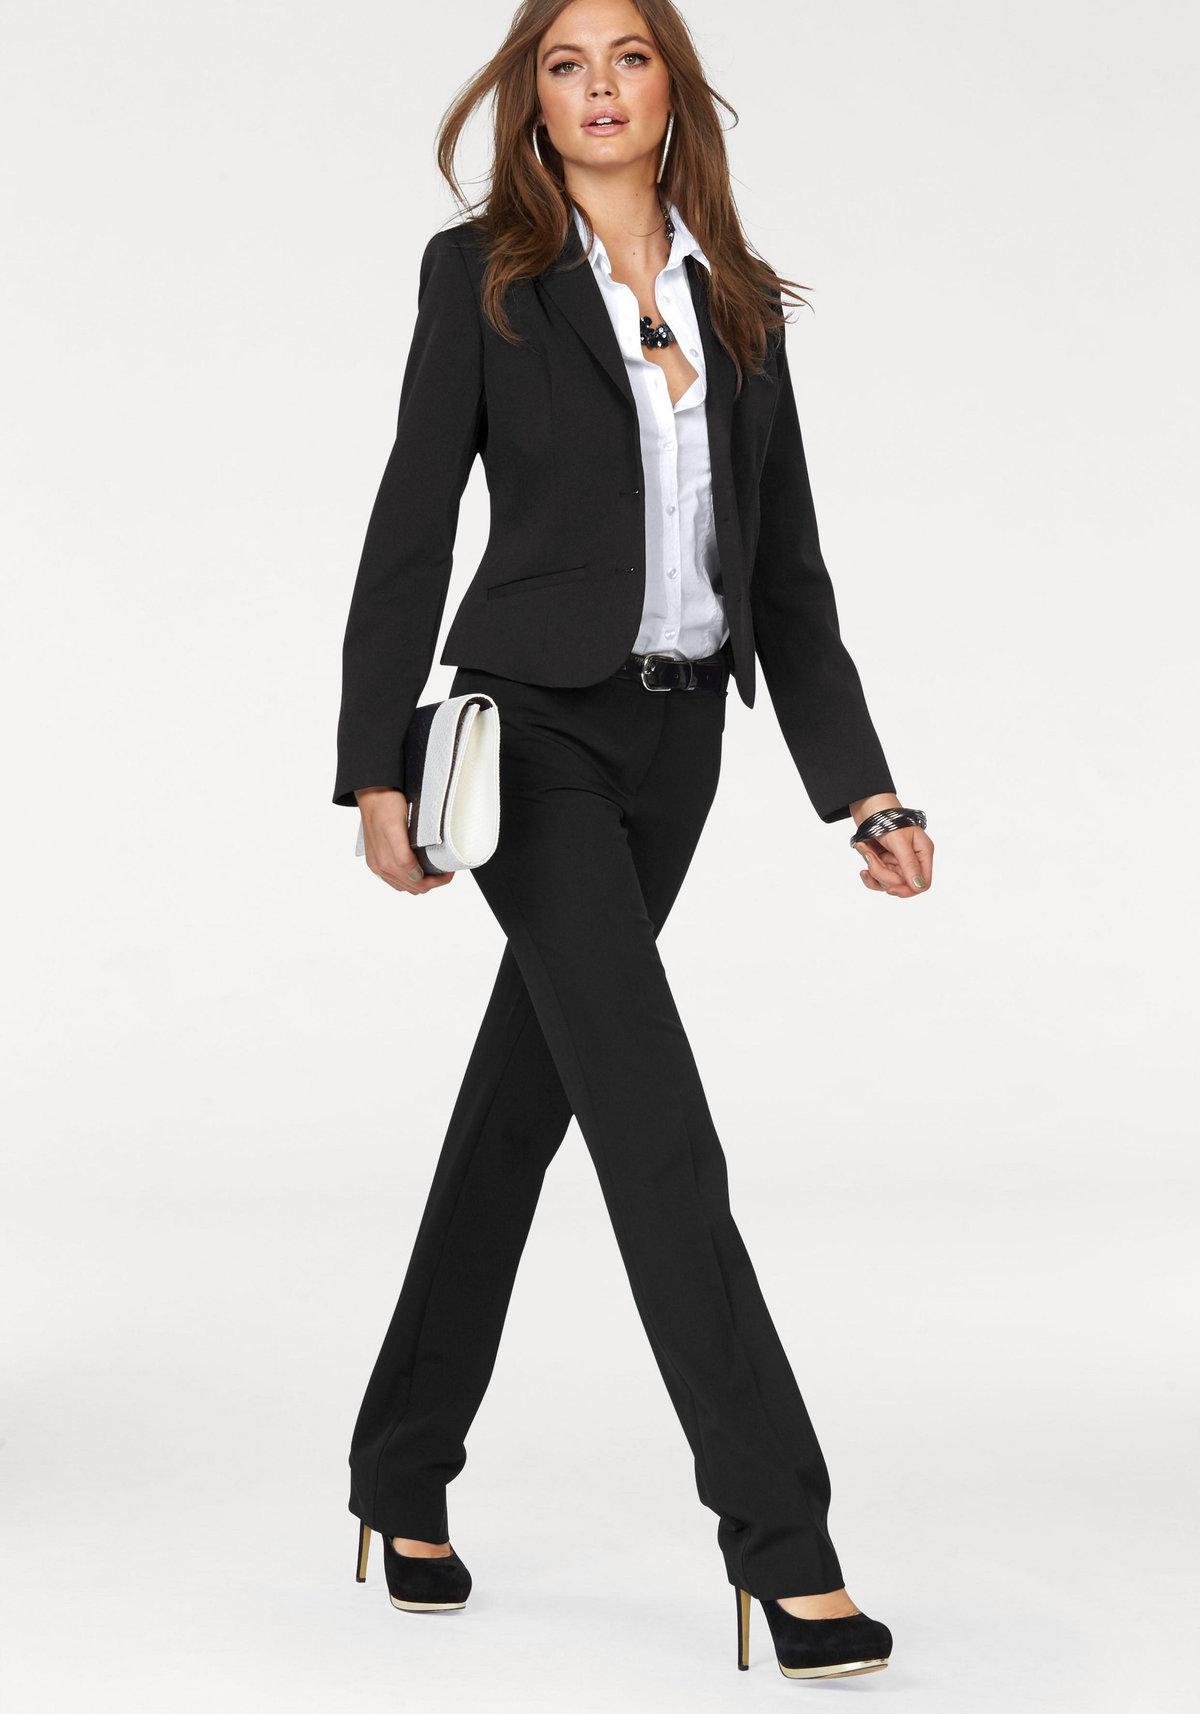 бизнес леди в брюках только